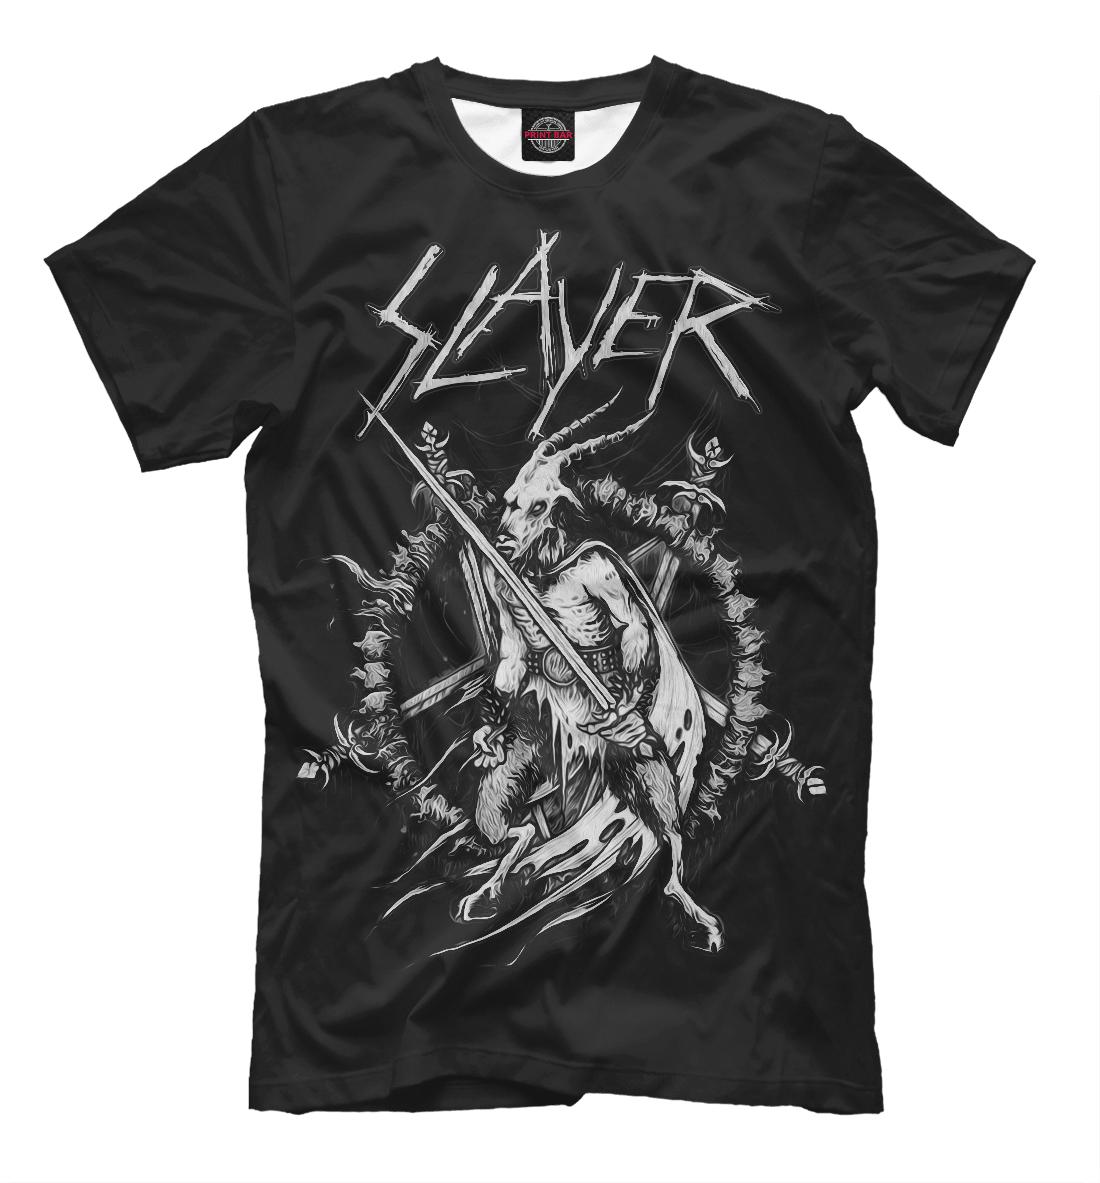 Slayer goat white